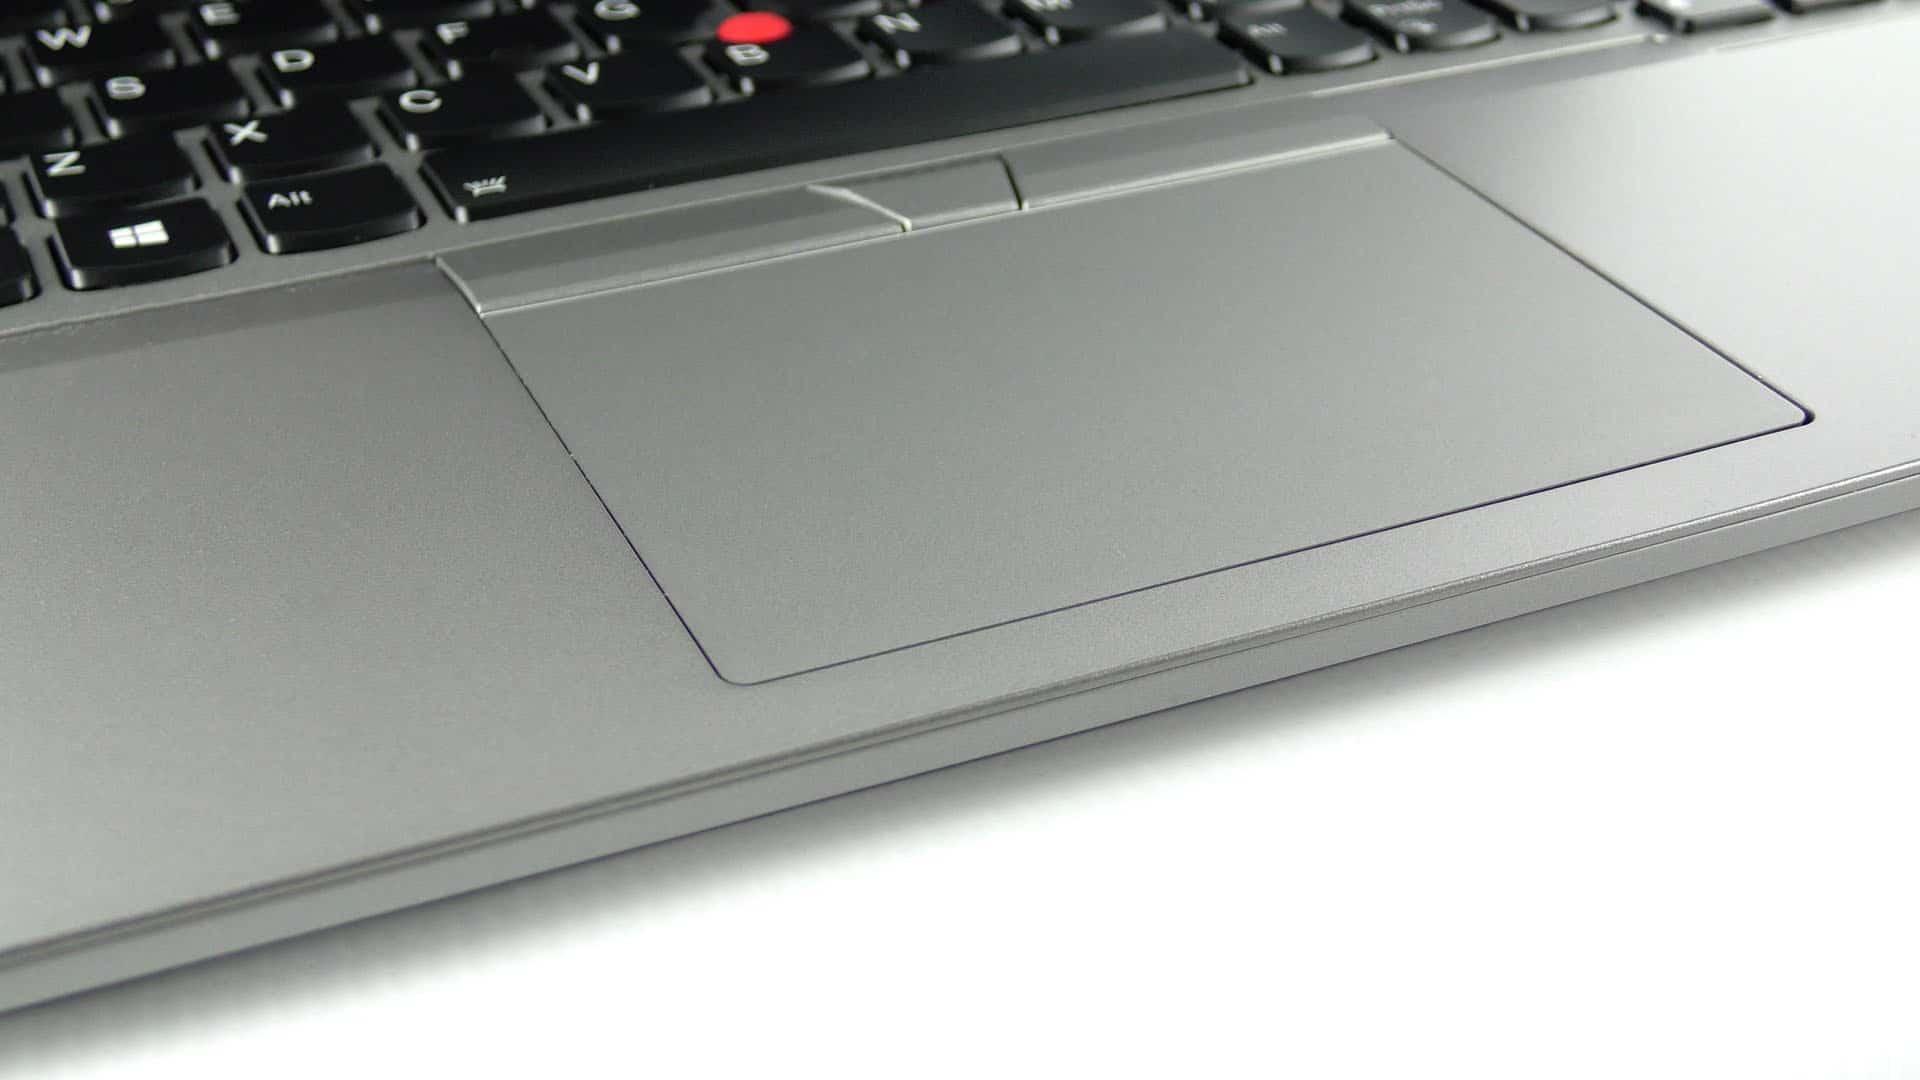 Lenovo ThinkPad E580 - touchpad